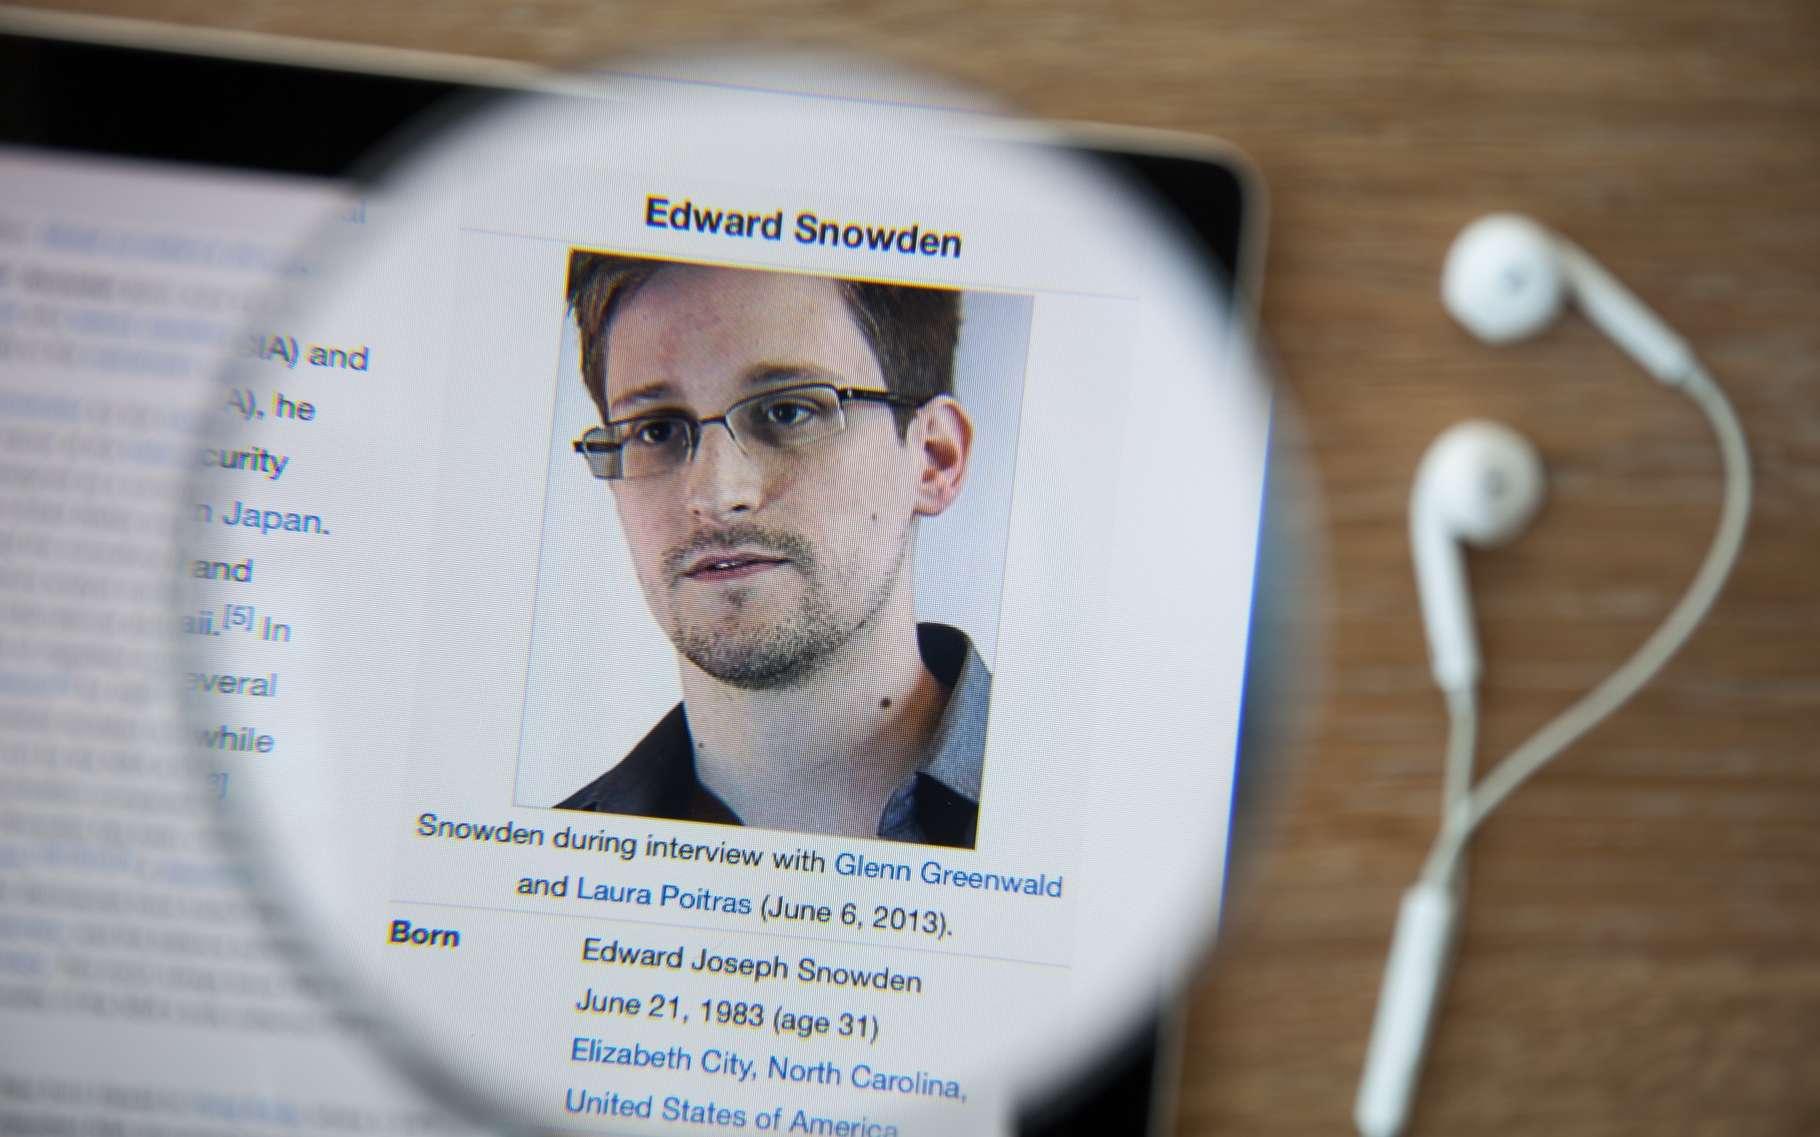 L'ancien analyste de la NSA Edward Snowden poursuit son combat pour la défense des libertés individuelles en proposant un outil pour le smartphone Apple censé détecter toute tentative d'intrusion ou d'écoute. © GongTo, Shutterstock